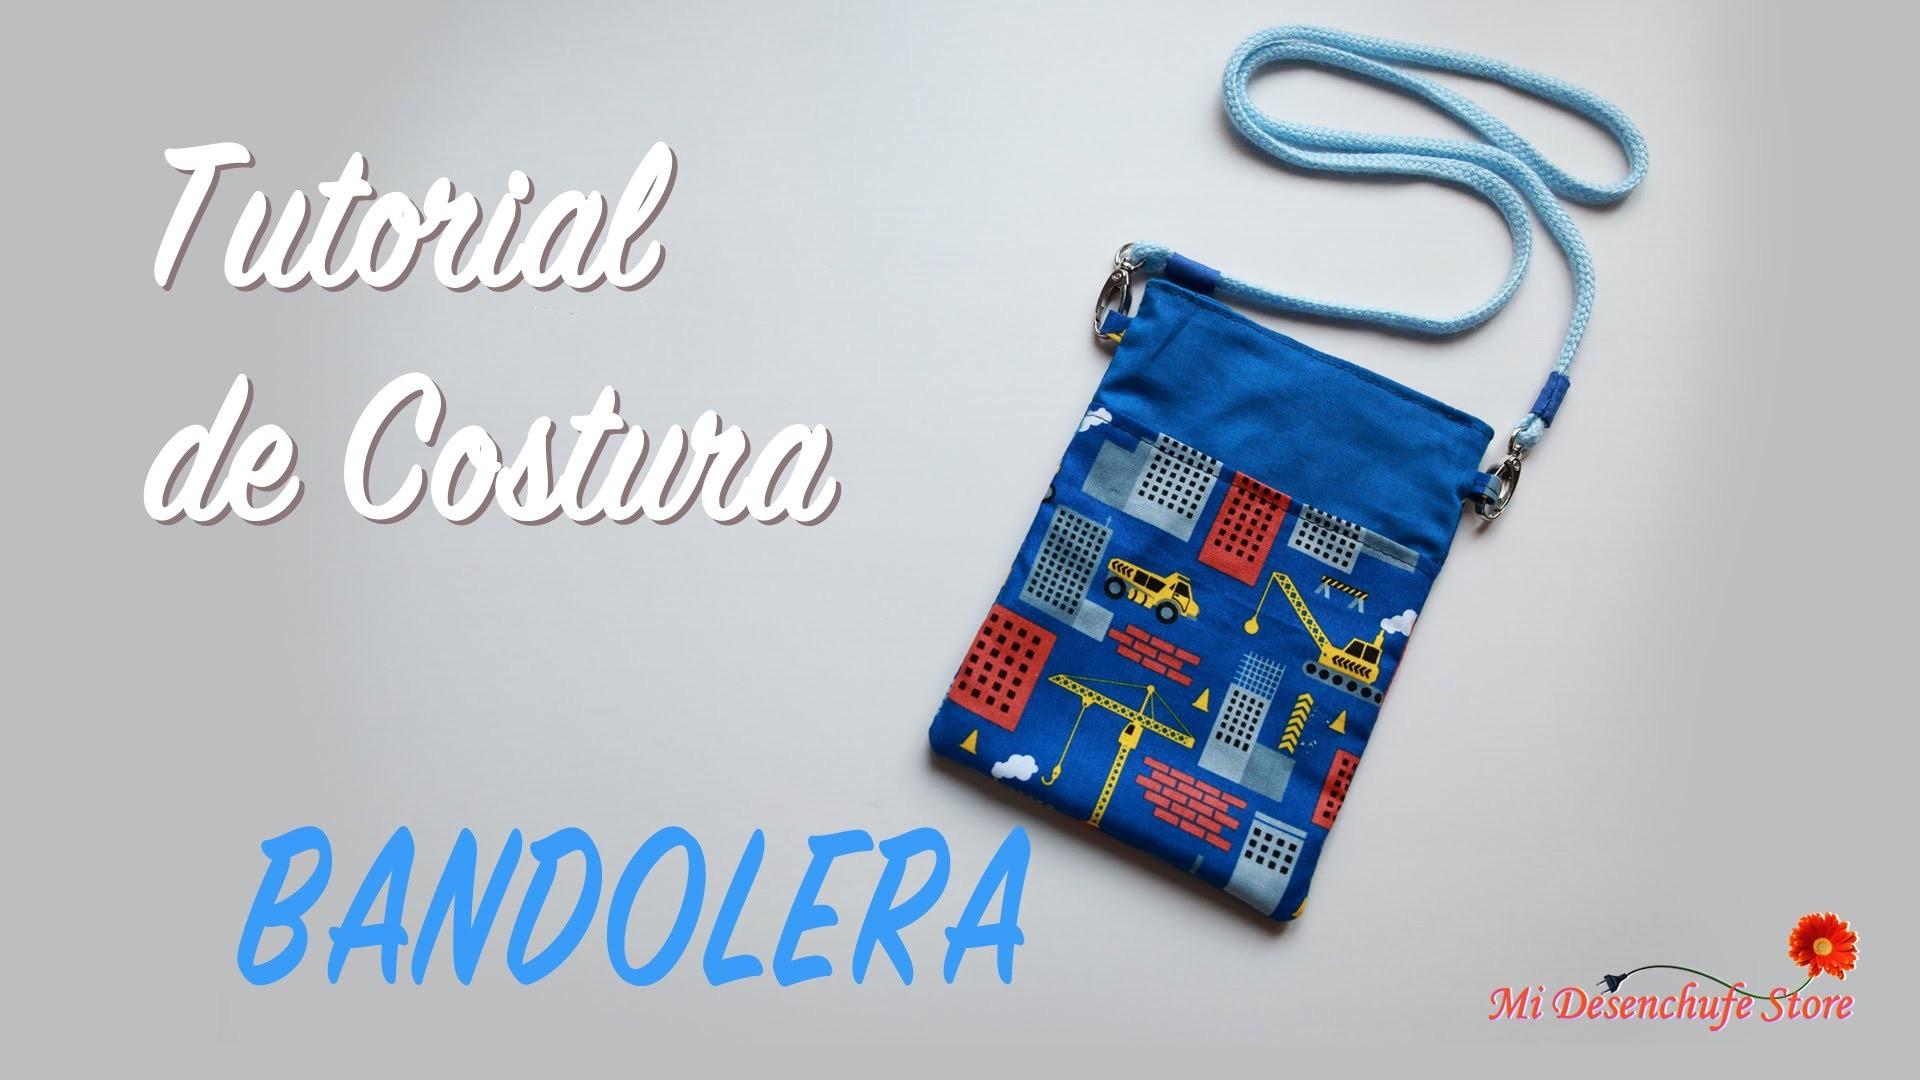 Tutorial #44 - Como hacer una Bolsita Bandolera - How to make a bag